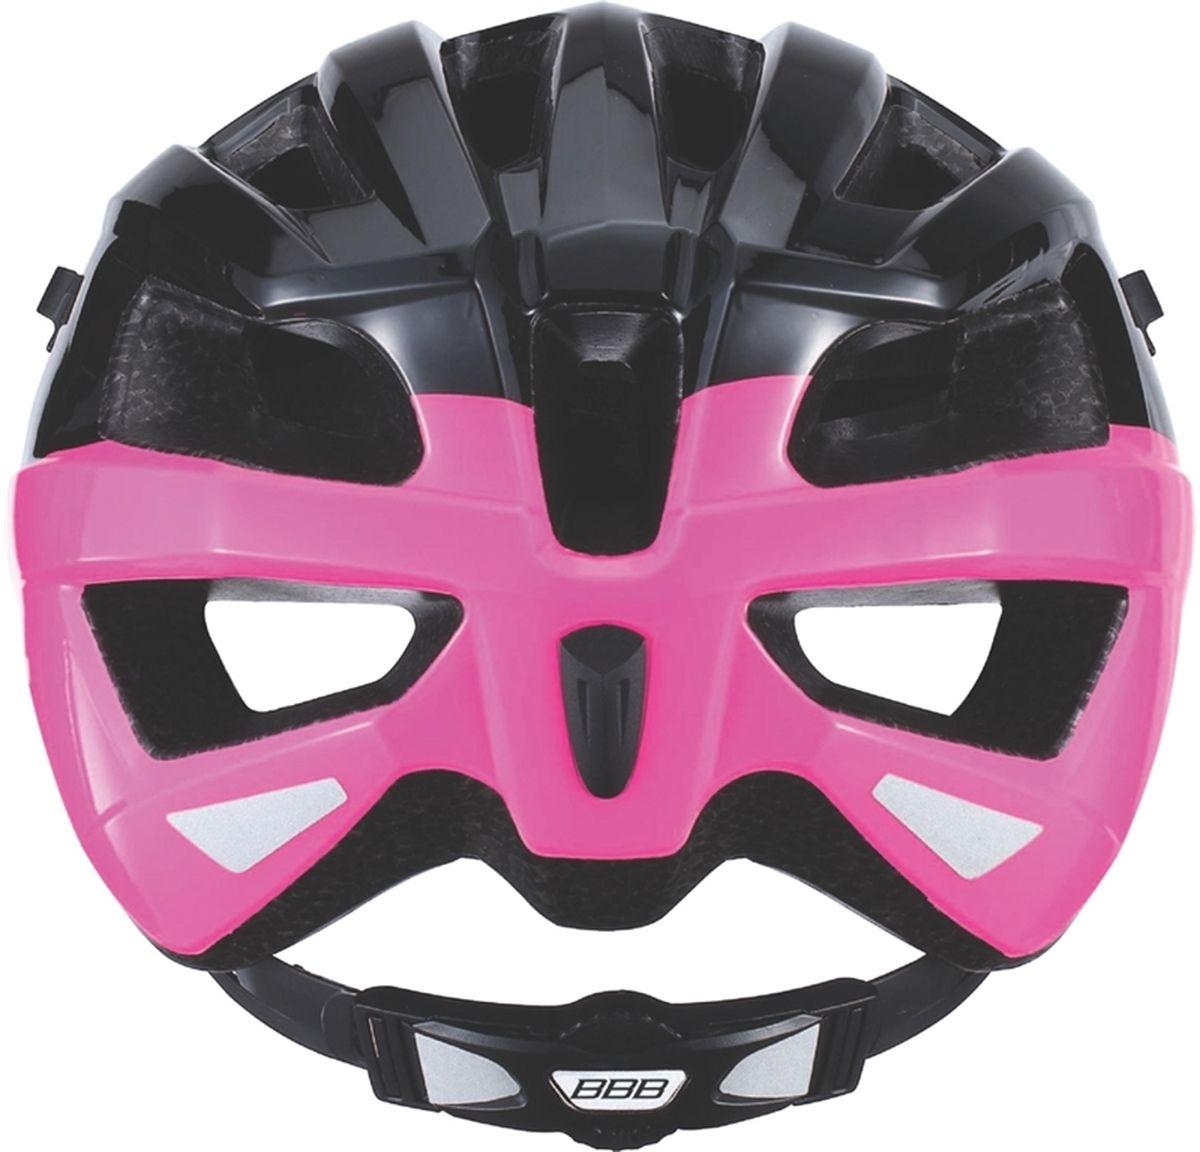 """Если вы в поисках по-настоящему универсального шлема, то BBB """"Kite"""" - именно то, что нужно. Продуманная конструкция предельно   функциональна. Катаетесь ли вы по шоссе, или по трейлам - с BBB """"Kite"""" вы всегда в безопасности. Низкопрофильная конструкция обеспечивает   дополнительную защиту наиболее уязвимых участков головы. Поликарбонатная оболочка обеспечивает наилучшую защиту.     Интегрированная конструкция. 14 вентиляционных отверстий. Отверстия для вентиляции в задней части шлема для оптимального распределения потоков воздуха. Сетка для защиты от залетающих в шлем насекомых. Настраиваемые ремешки для максимально комфортной посадки. Простая в использовании система настройки TwistClose. Съёмный козырёк со скрытым креплением. Съемные мягкие накладки с антибактериальными свойствами и возможностью стирки. Светоотражающие наклейки на задней части шлема. Обхват головы: 55-58 см.      Гид по велоаксессуарам. Статья OZON Гид"""